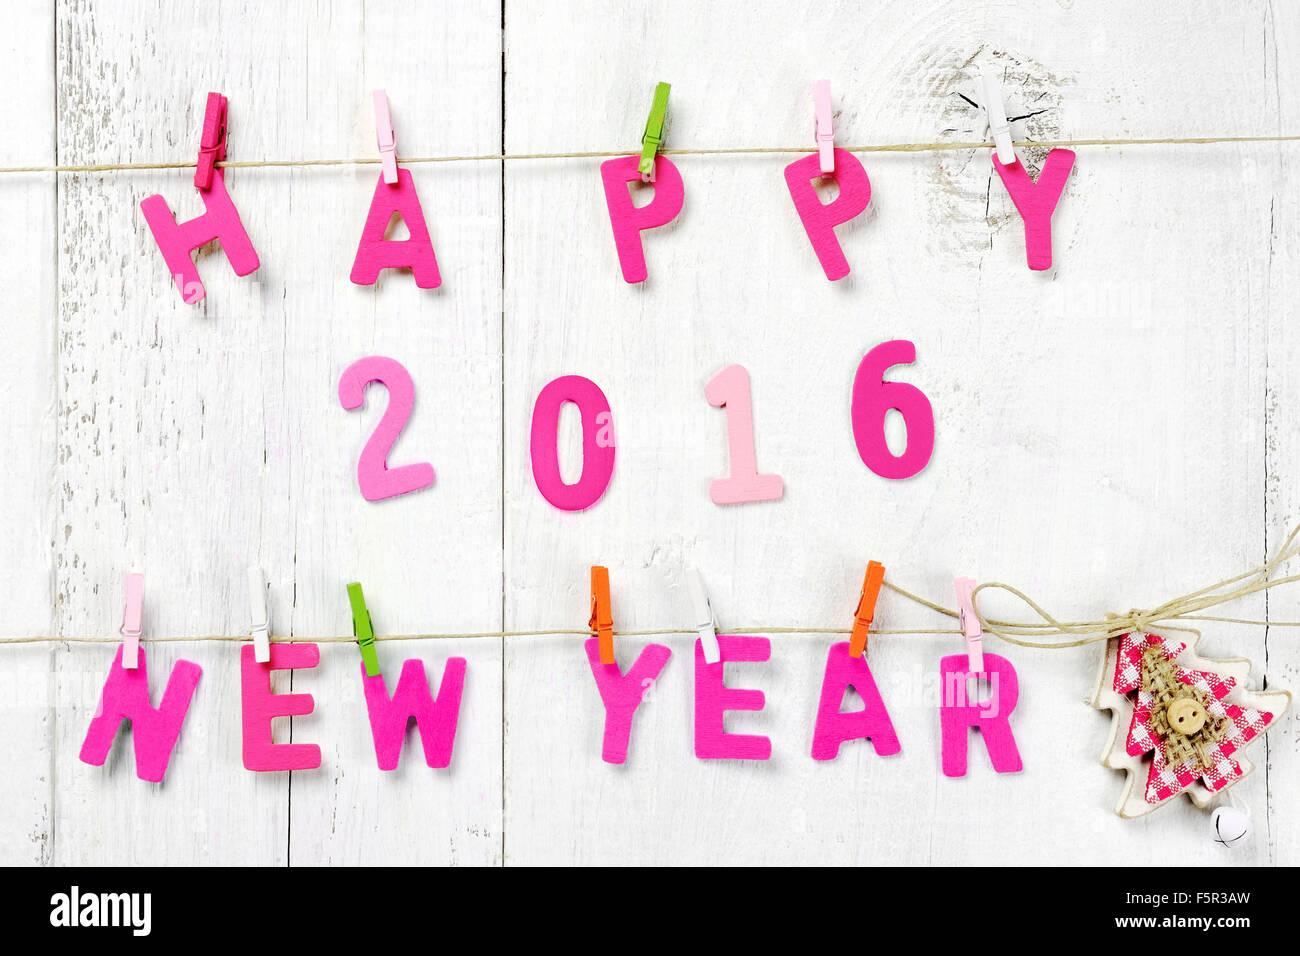 Briefe Für Neues Jahr : Happy new year stockfotos bilder alamy